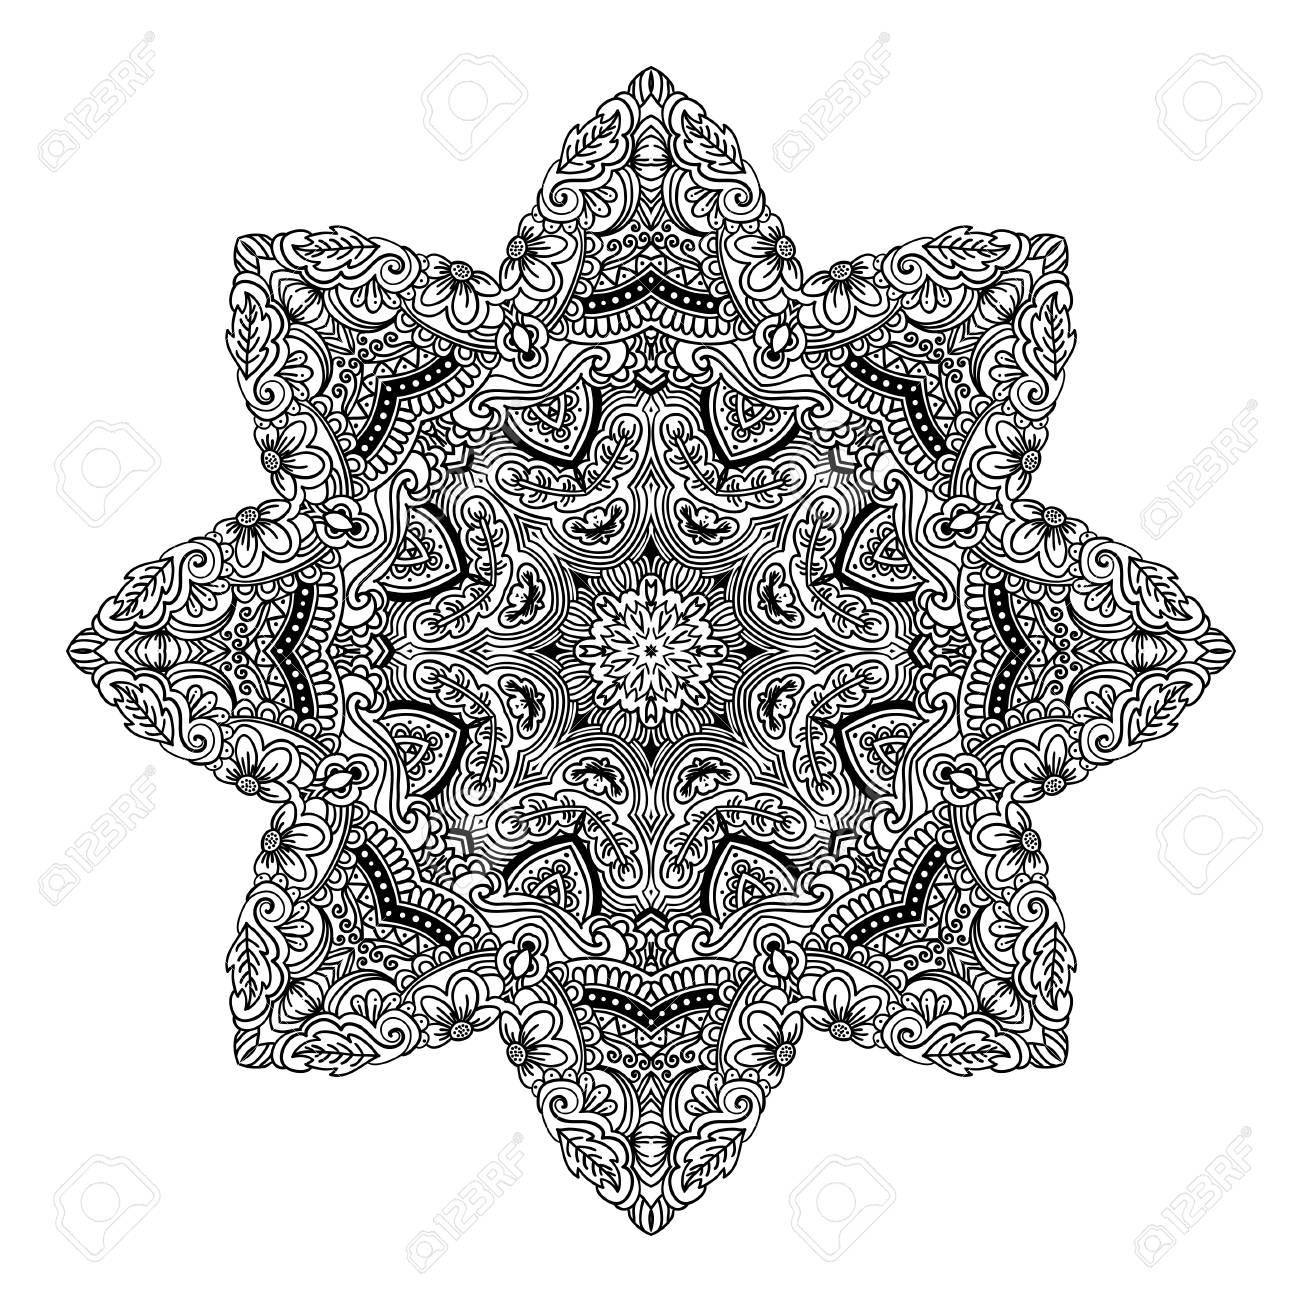 Mandala-Design. Hand Schöne Verzierung Gezeichnet. Malvorlage Für ...